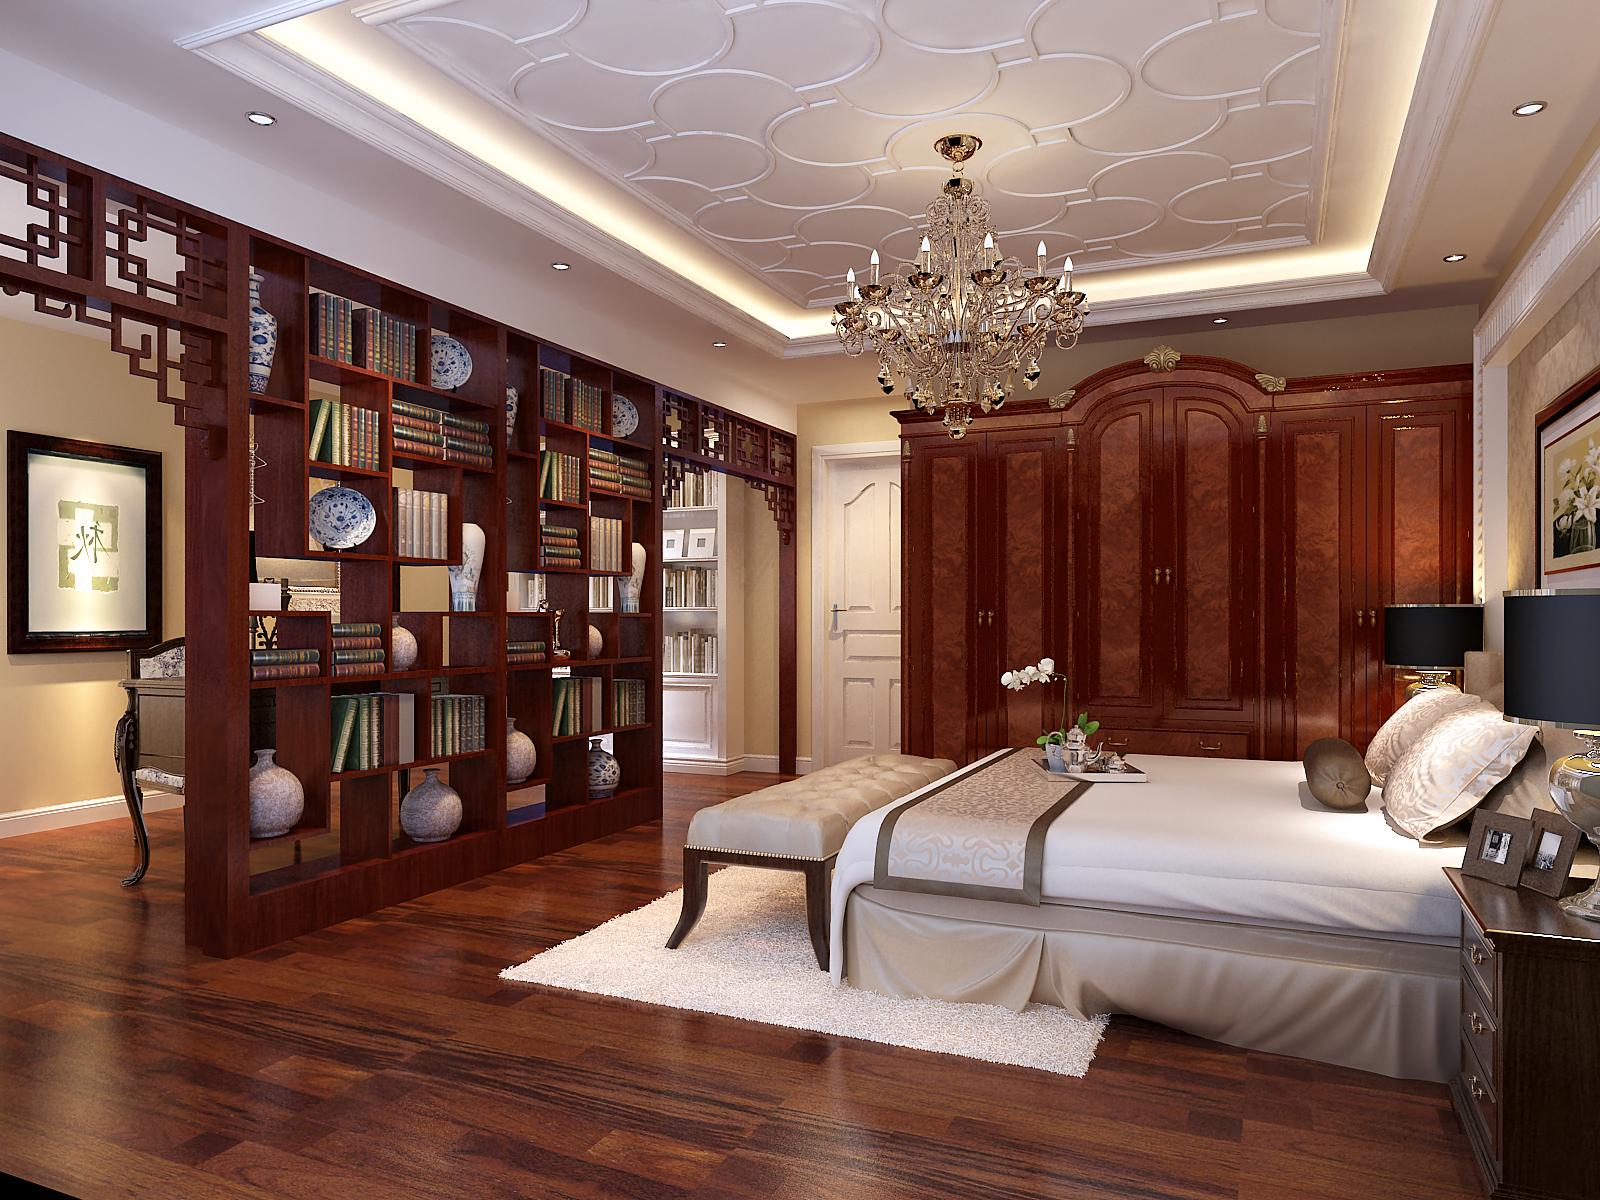 简欧风格 实创装饰 别墅装修 整体家装 卧室图片来自北京实创装饰在中海尚湖300平米别墅简欧风格的分享